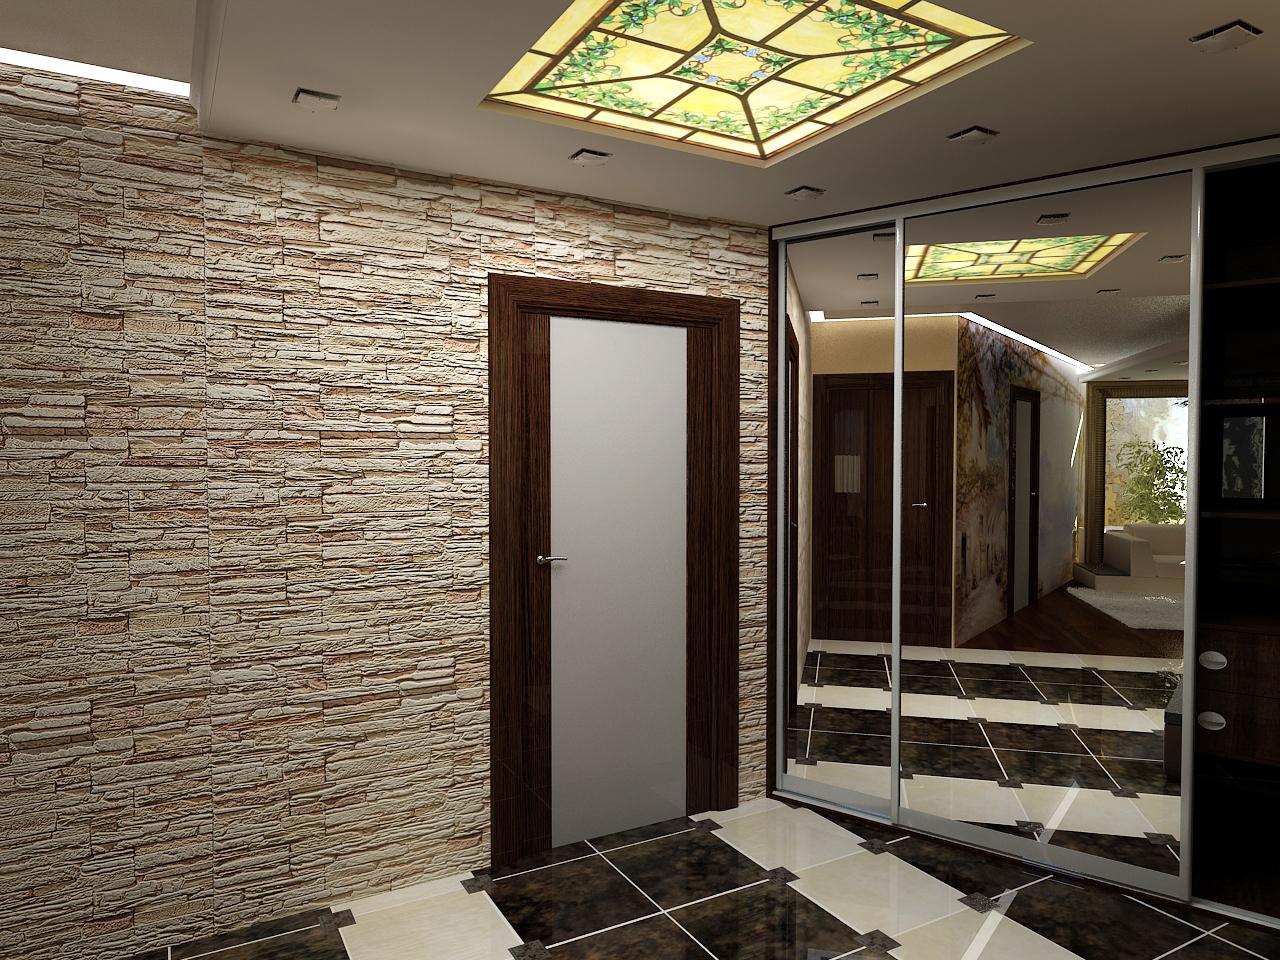 В отделке стен может быть использован натуральный камень